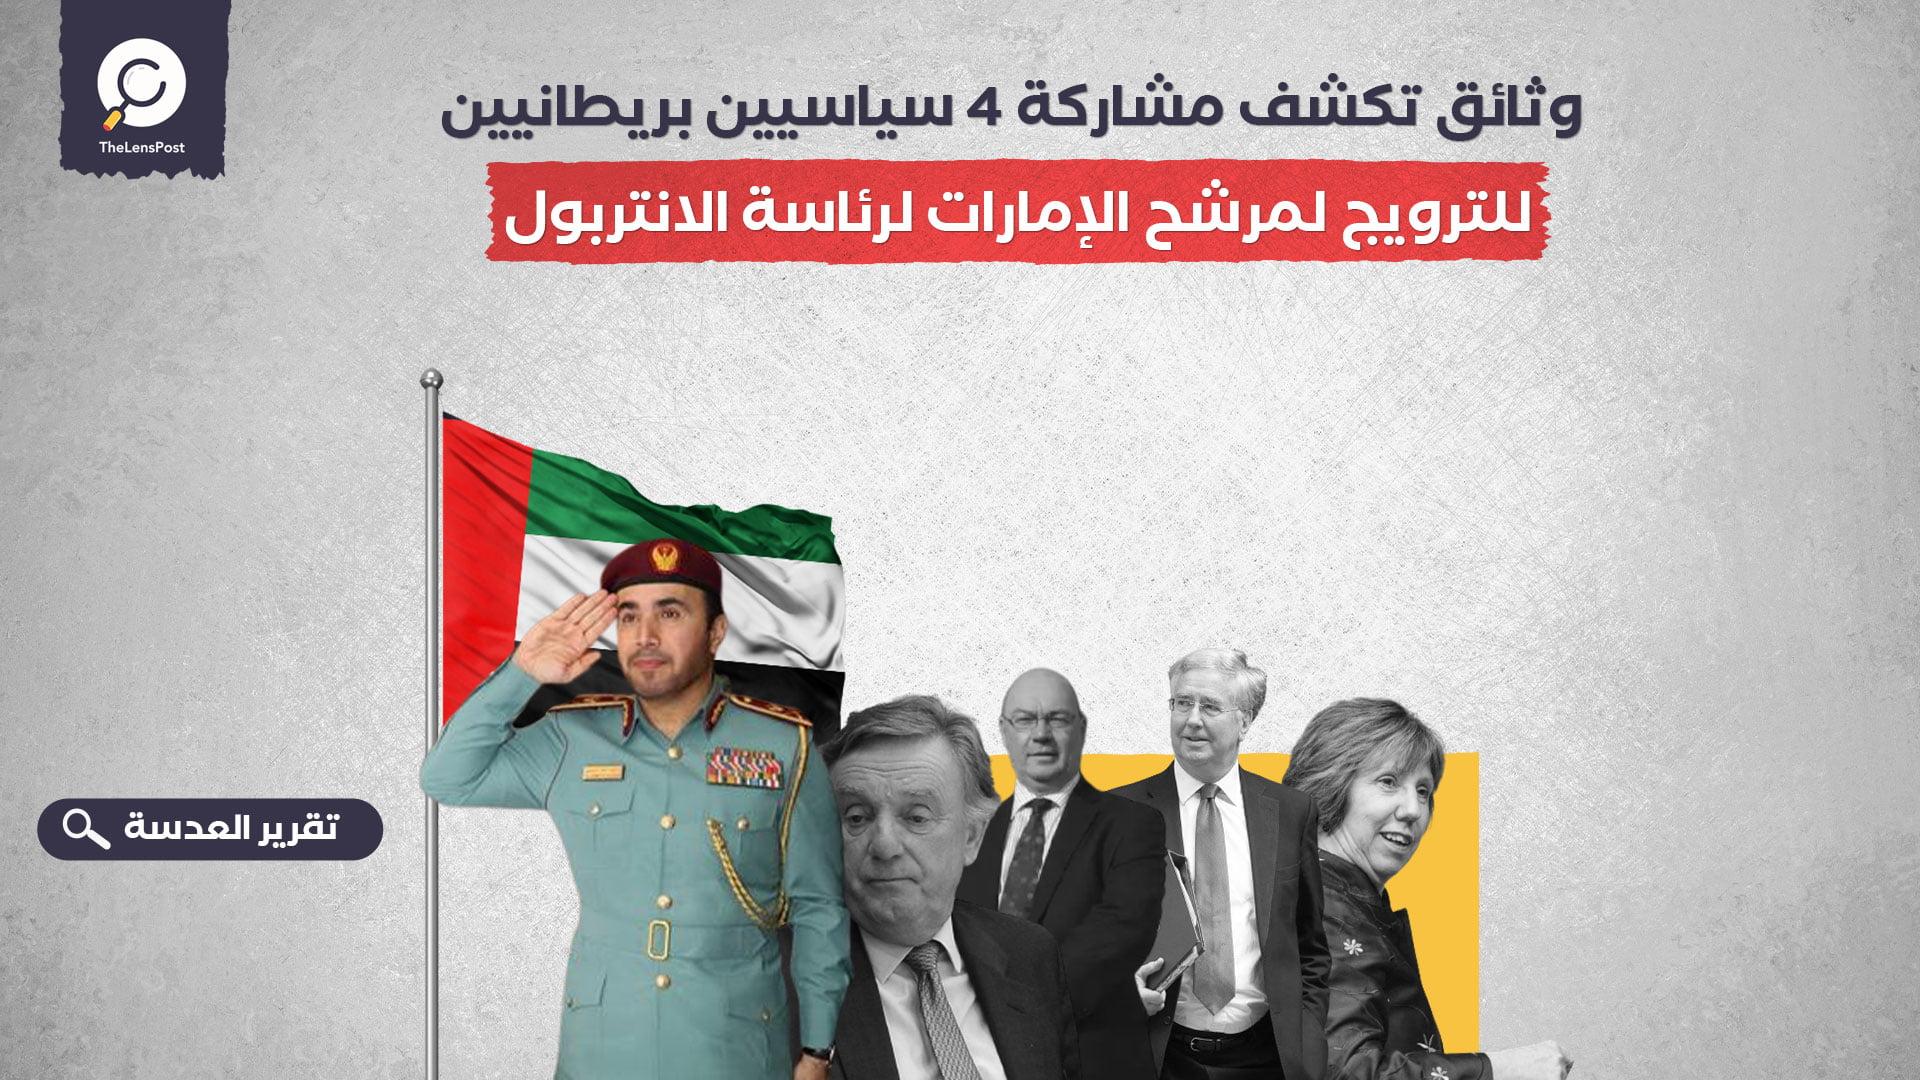 وثائق تكشف مشاركة 4 سياسيين بريطانيين للترويج لمرشح الإمارات لرئاسة الانتربول